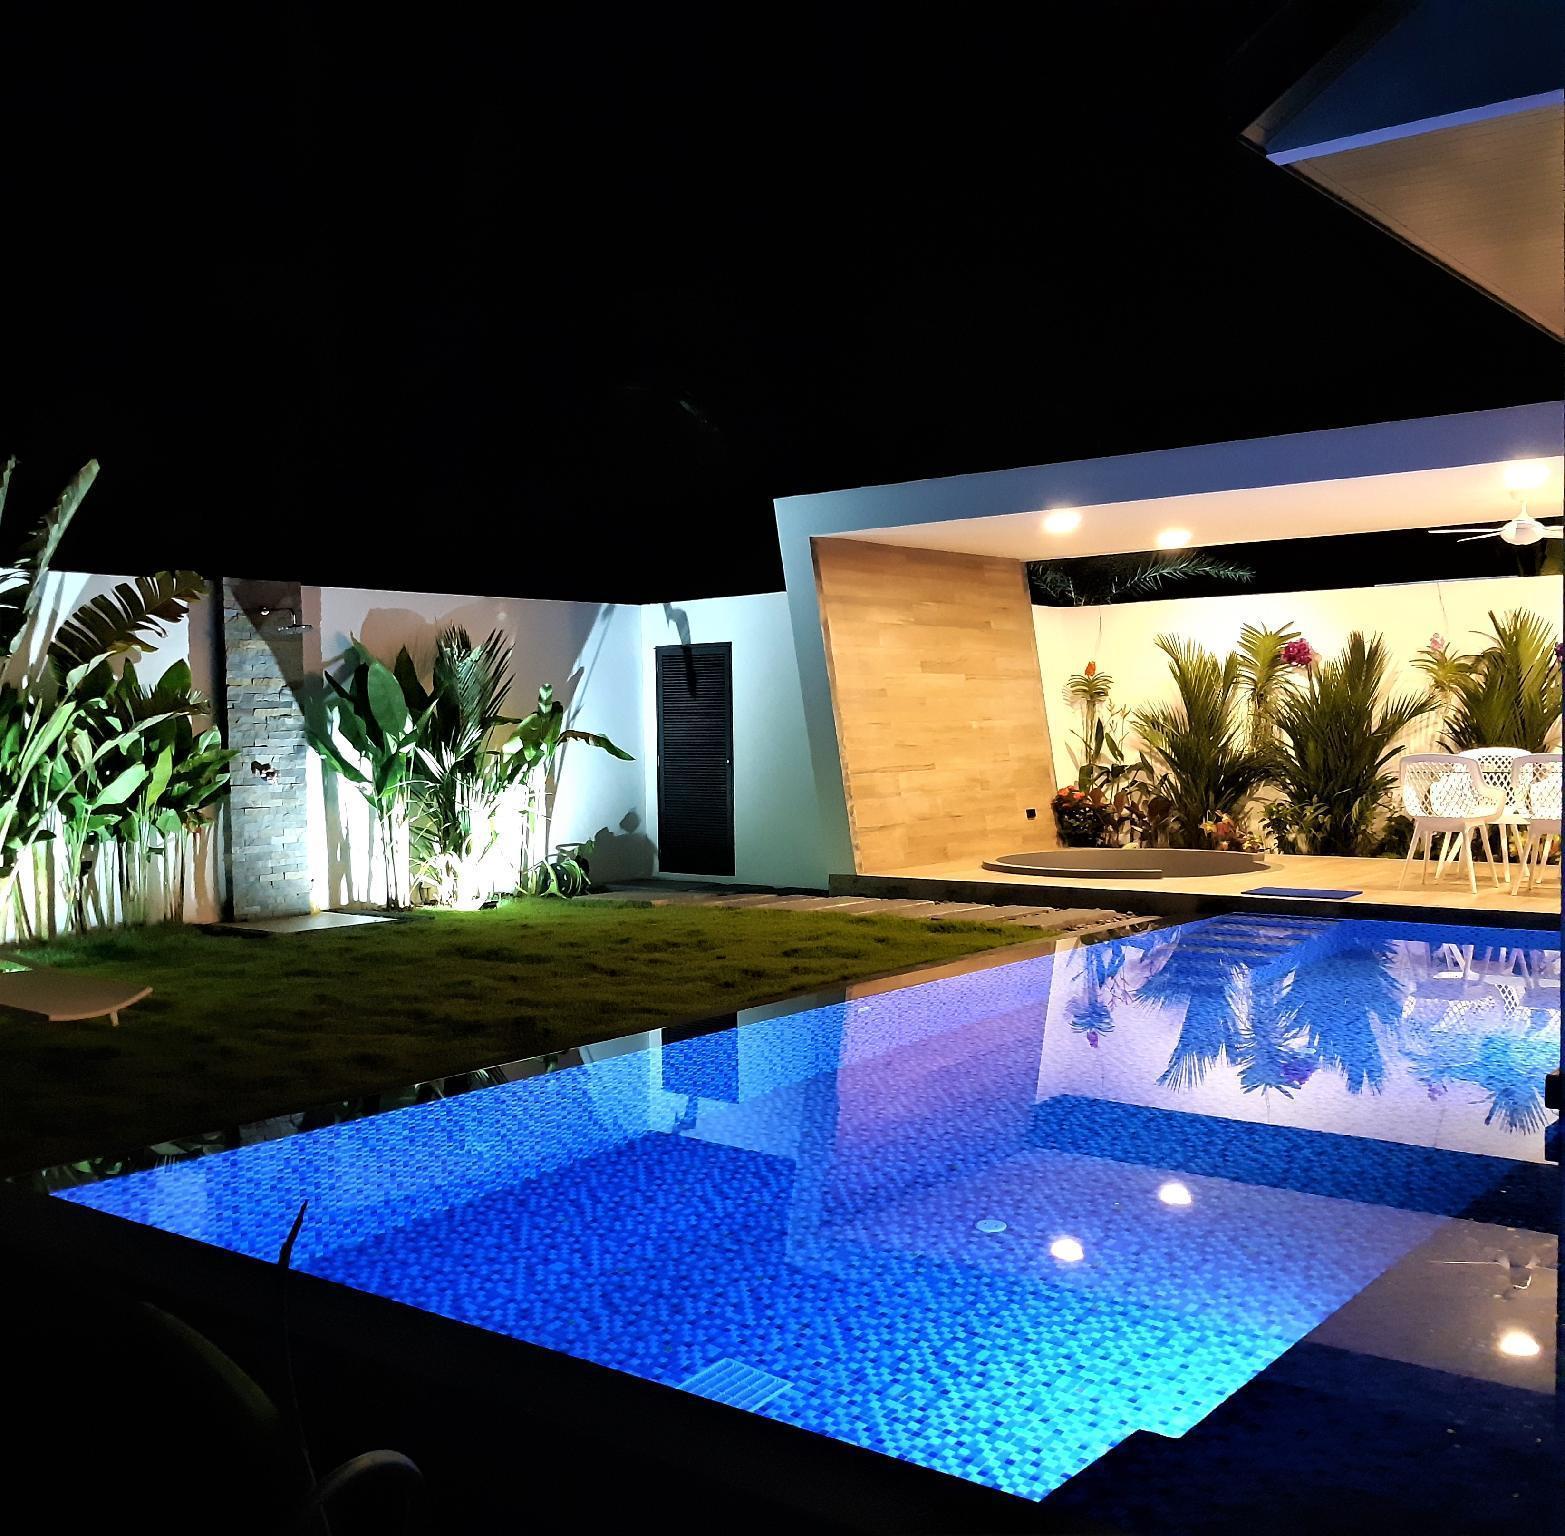 VILLA KHAO MANEE วิลลา 2 ห้องนอน 2 ห้องน้ำส่วนตัว ขนาด 102 ตร.ม. – ในทอน